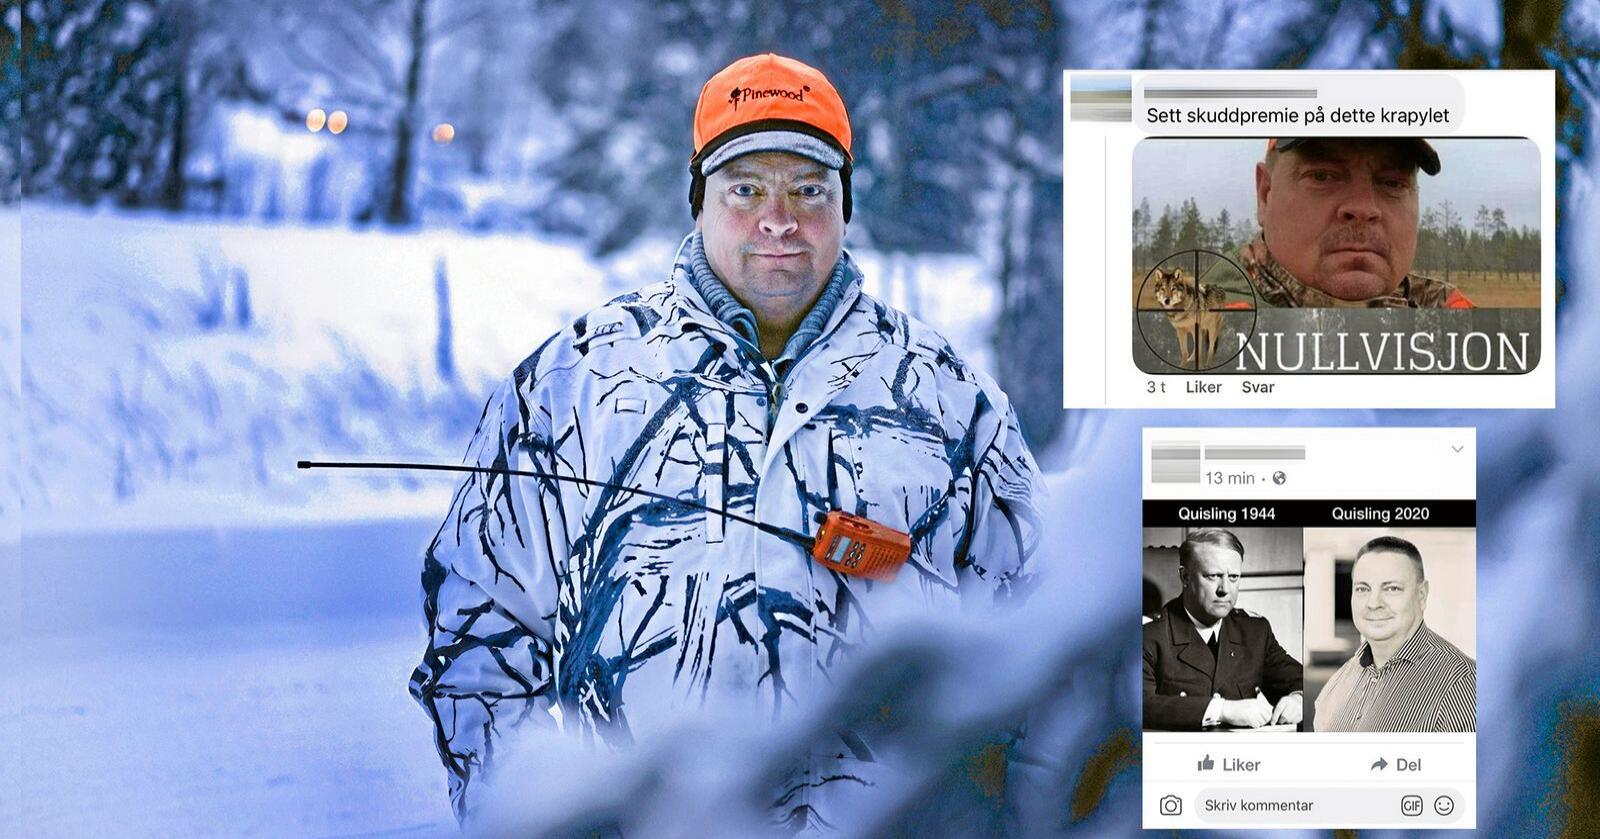 Arne Sveen har ledet ulvejakt flere ganger. Han står utsatt til for trusler og hets på nettet. Foto: Benjamin Hernes Vogl / Facebook